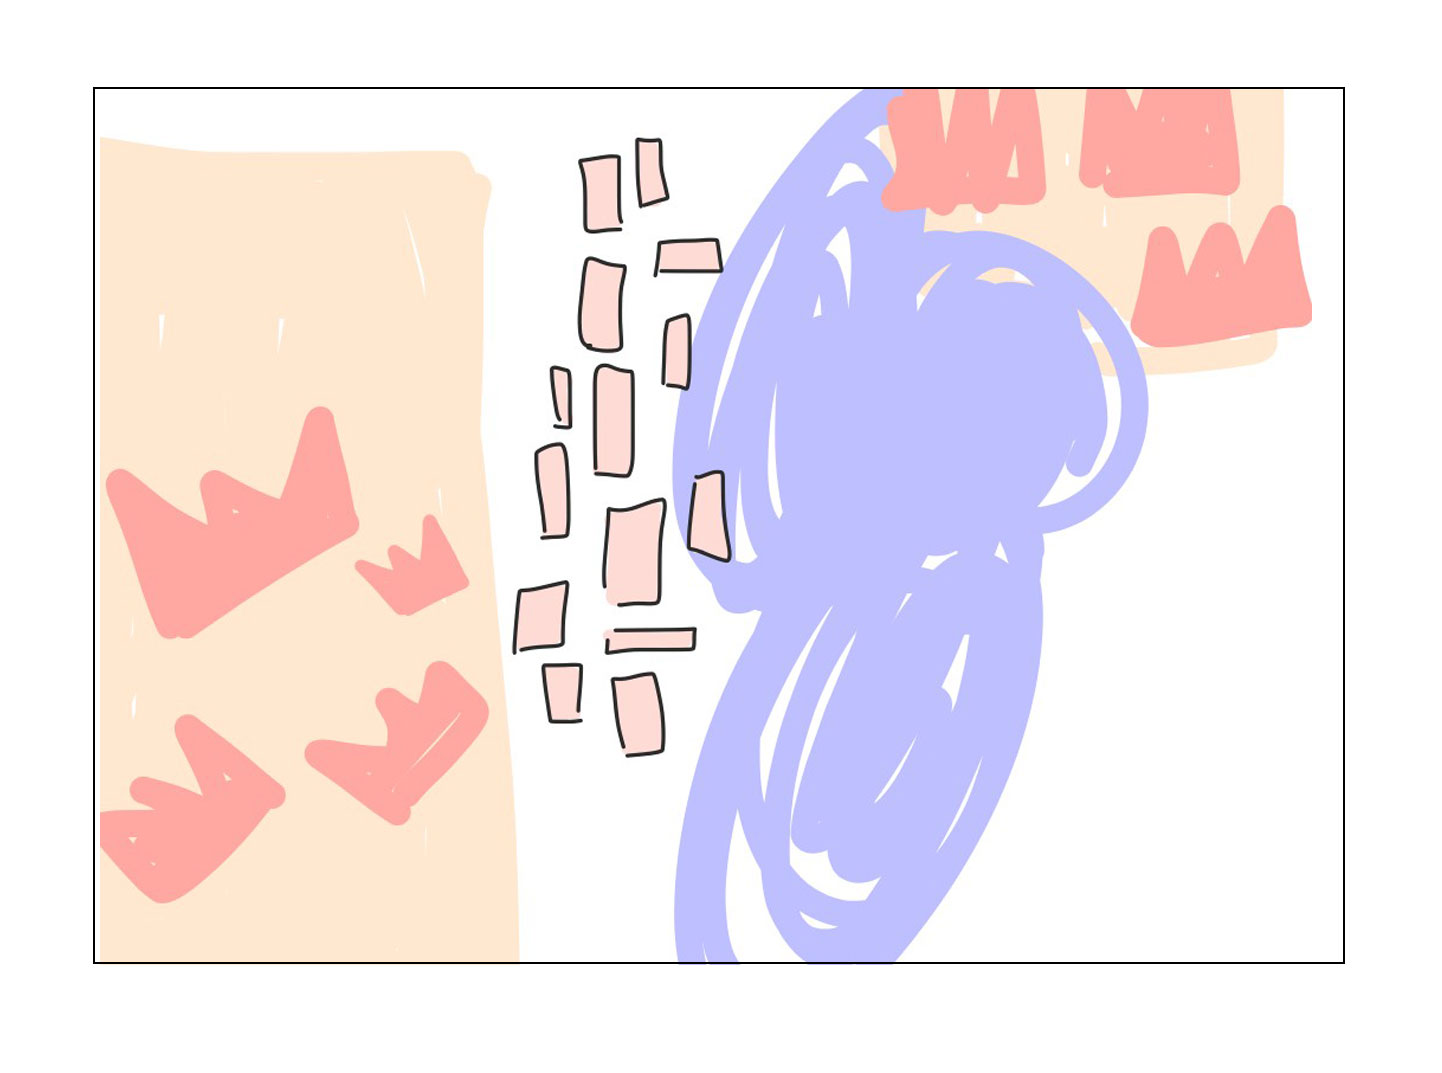 pinkcrown.jpg